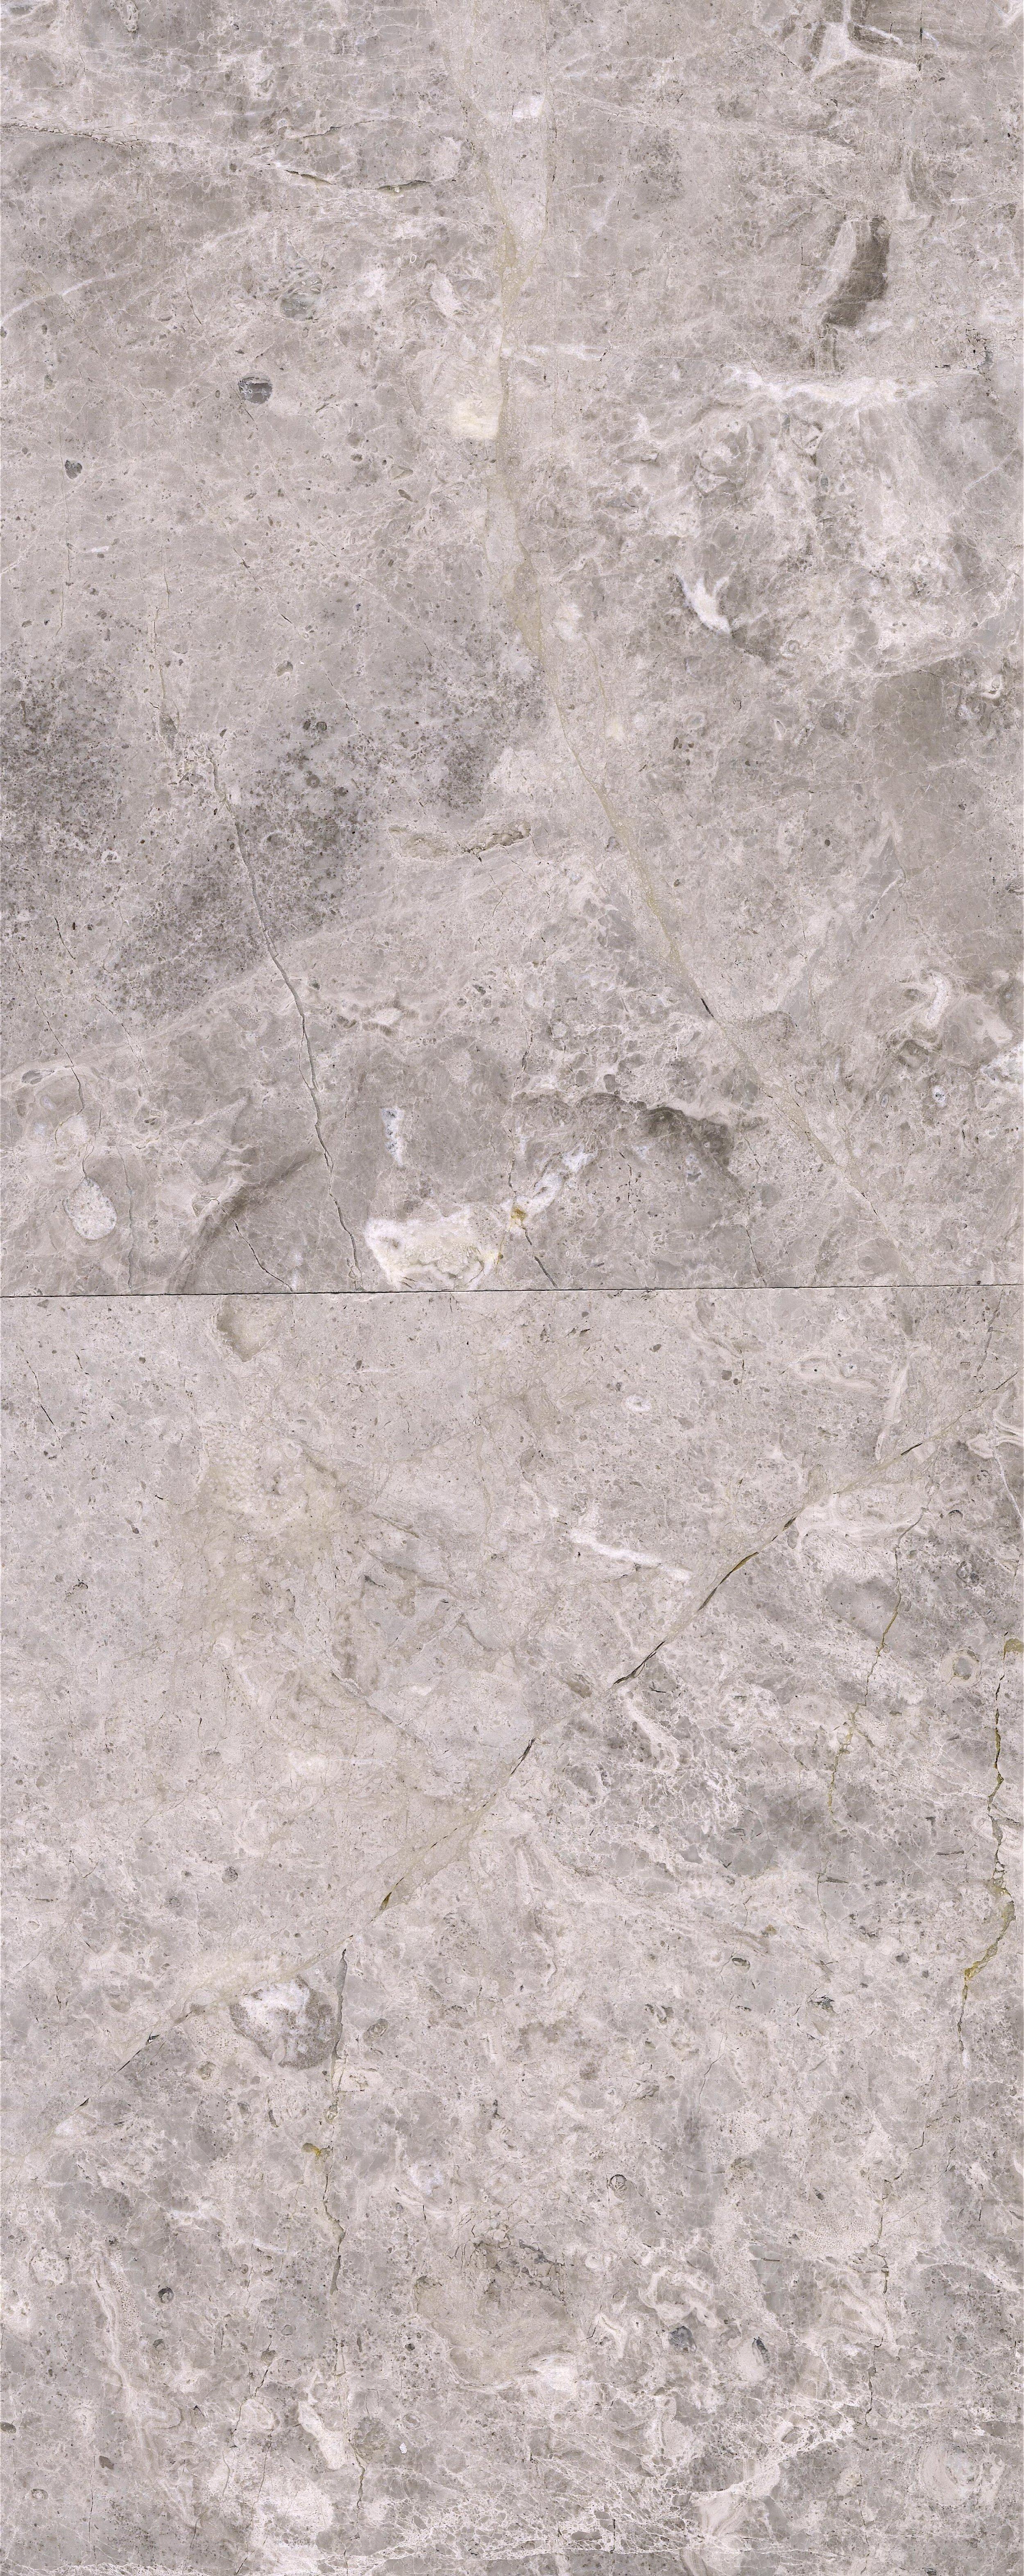 Marble 2.jpg